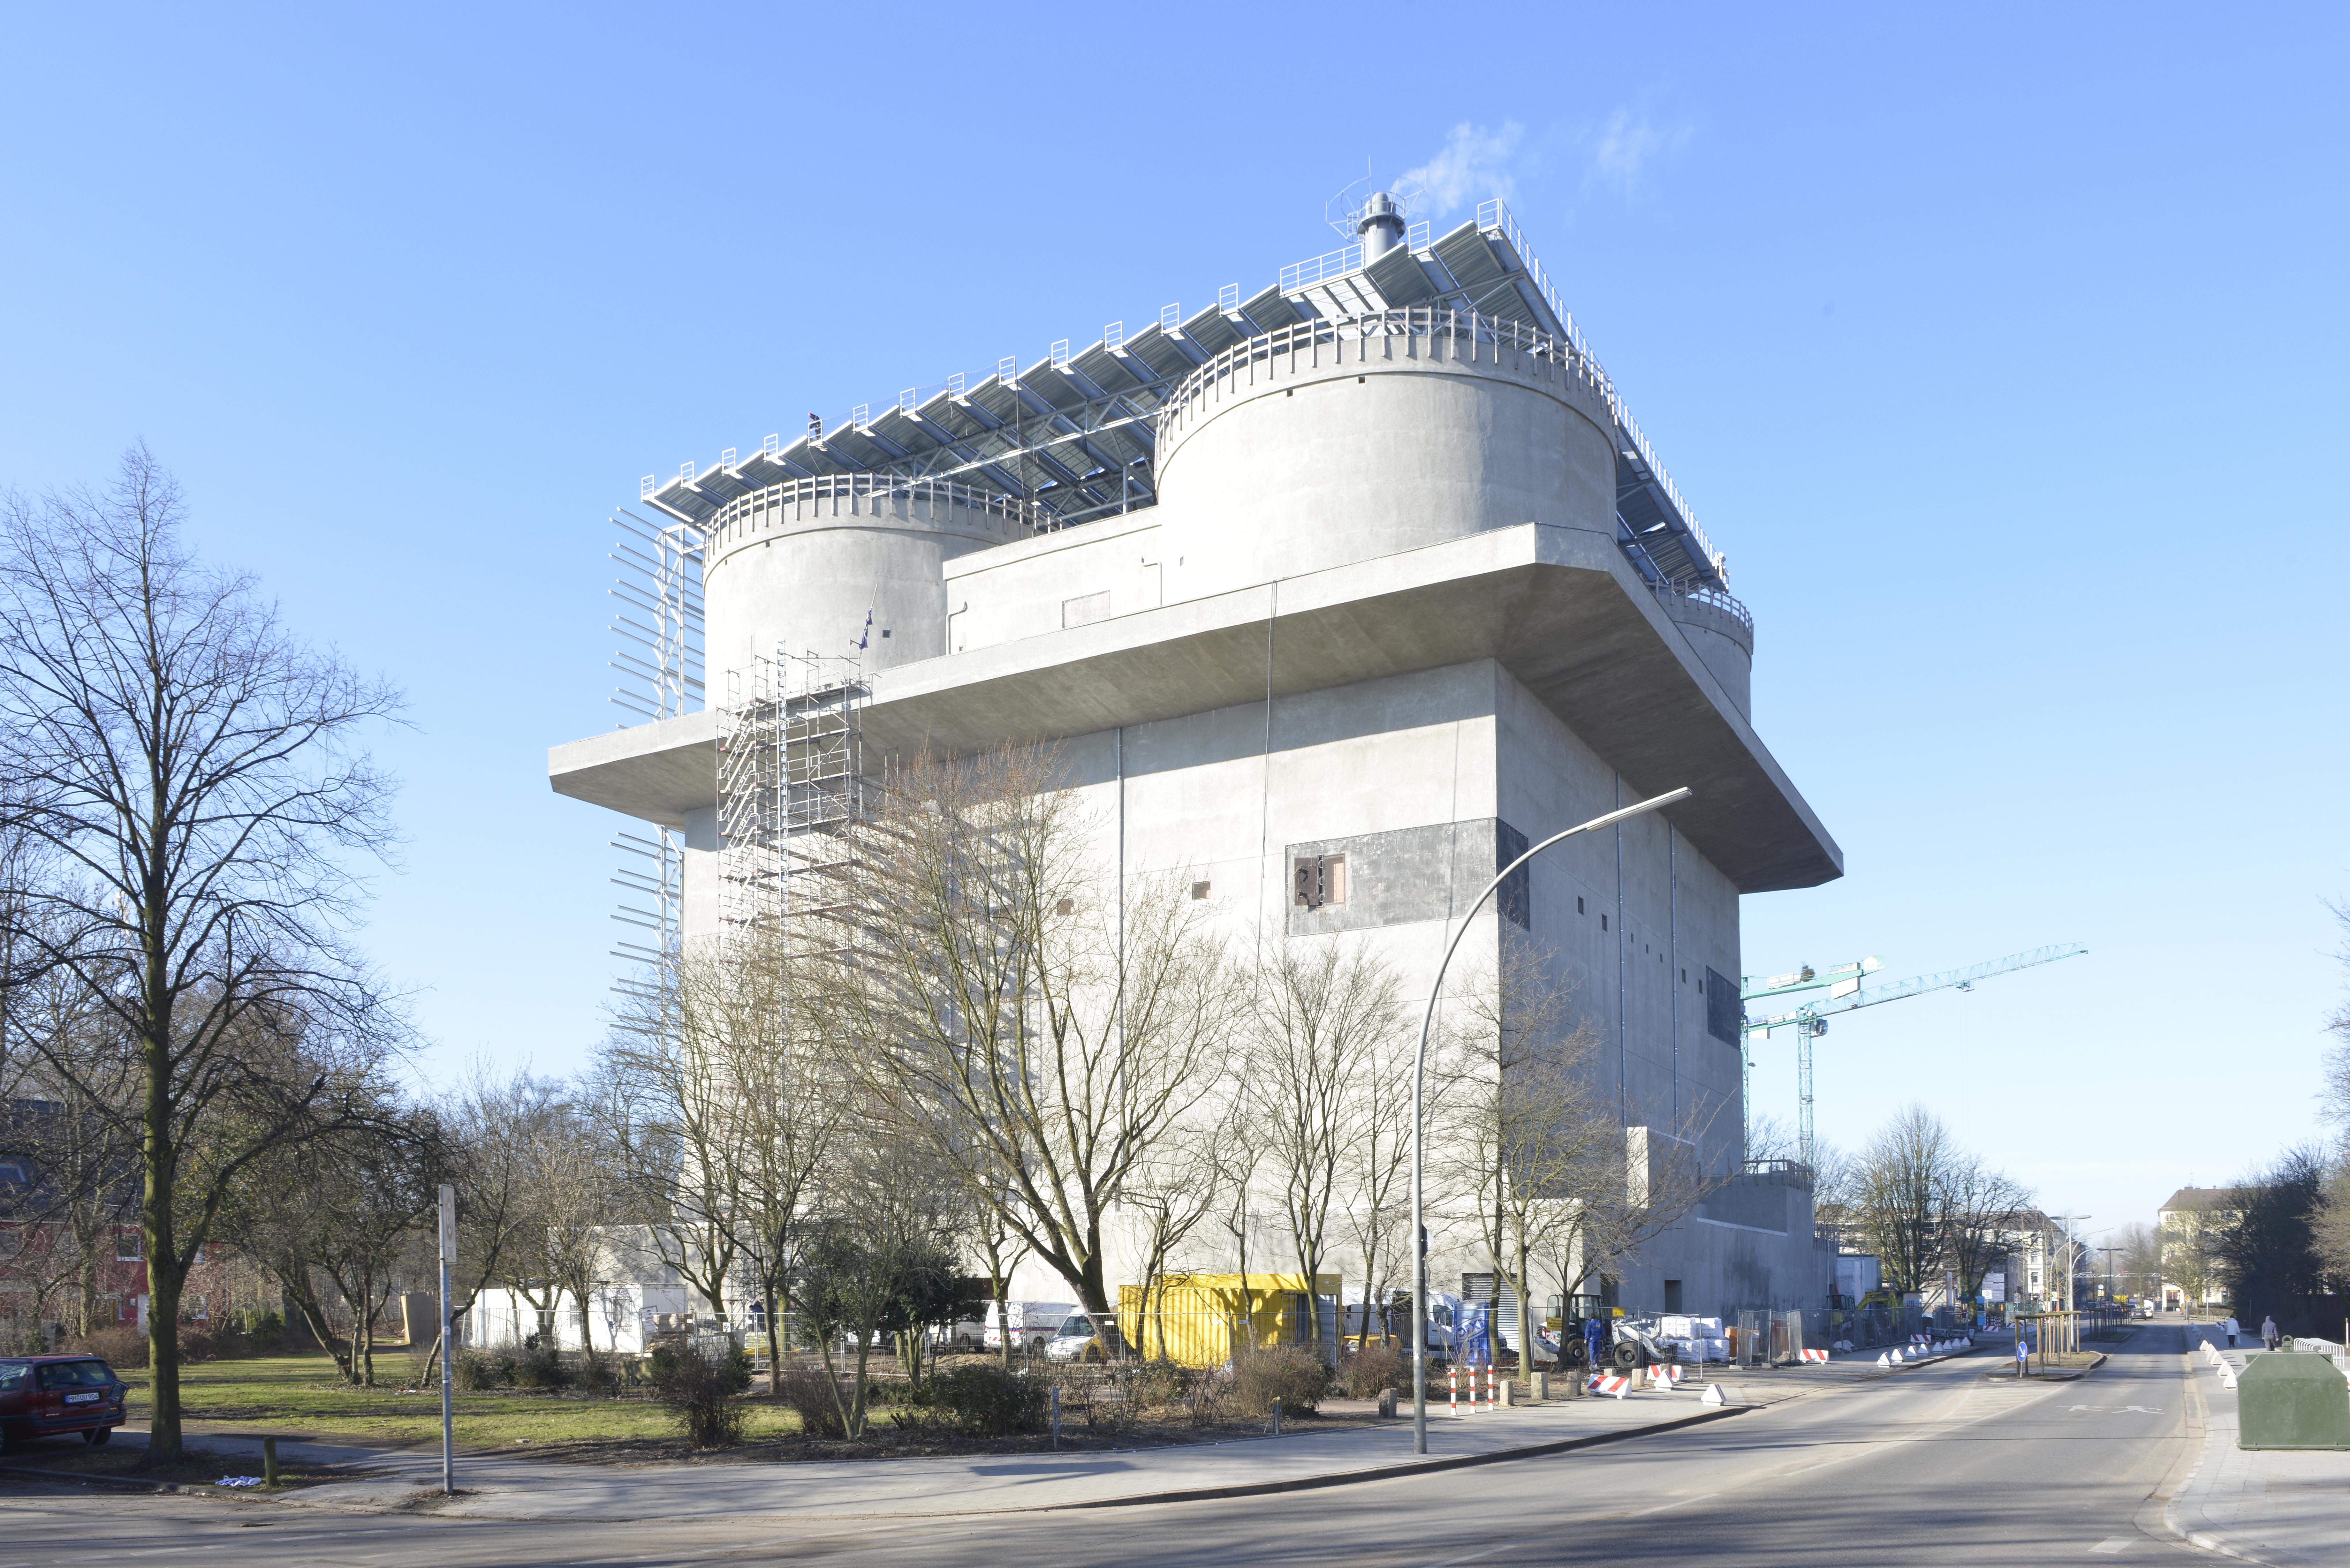 Energiebunker Hamburg-Wilhelmsburg im März 2013